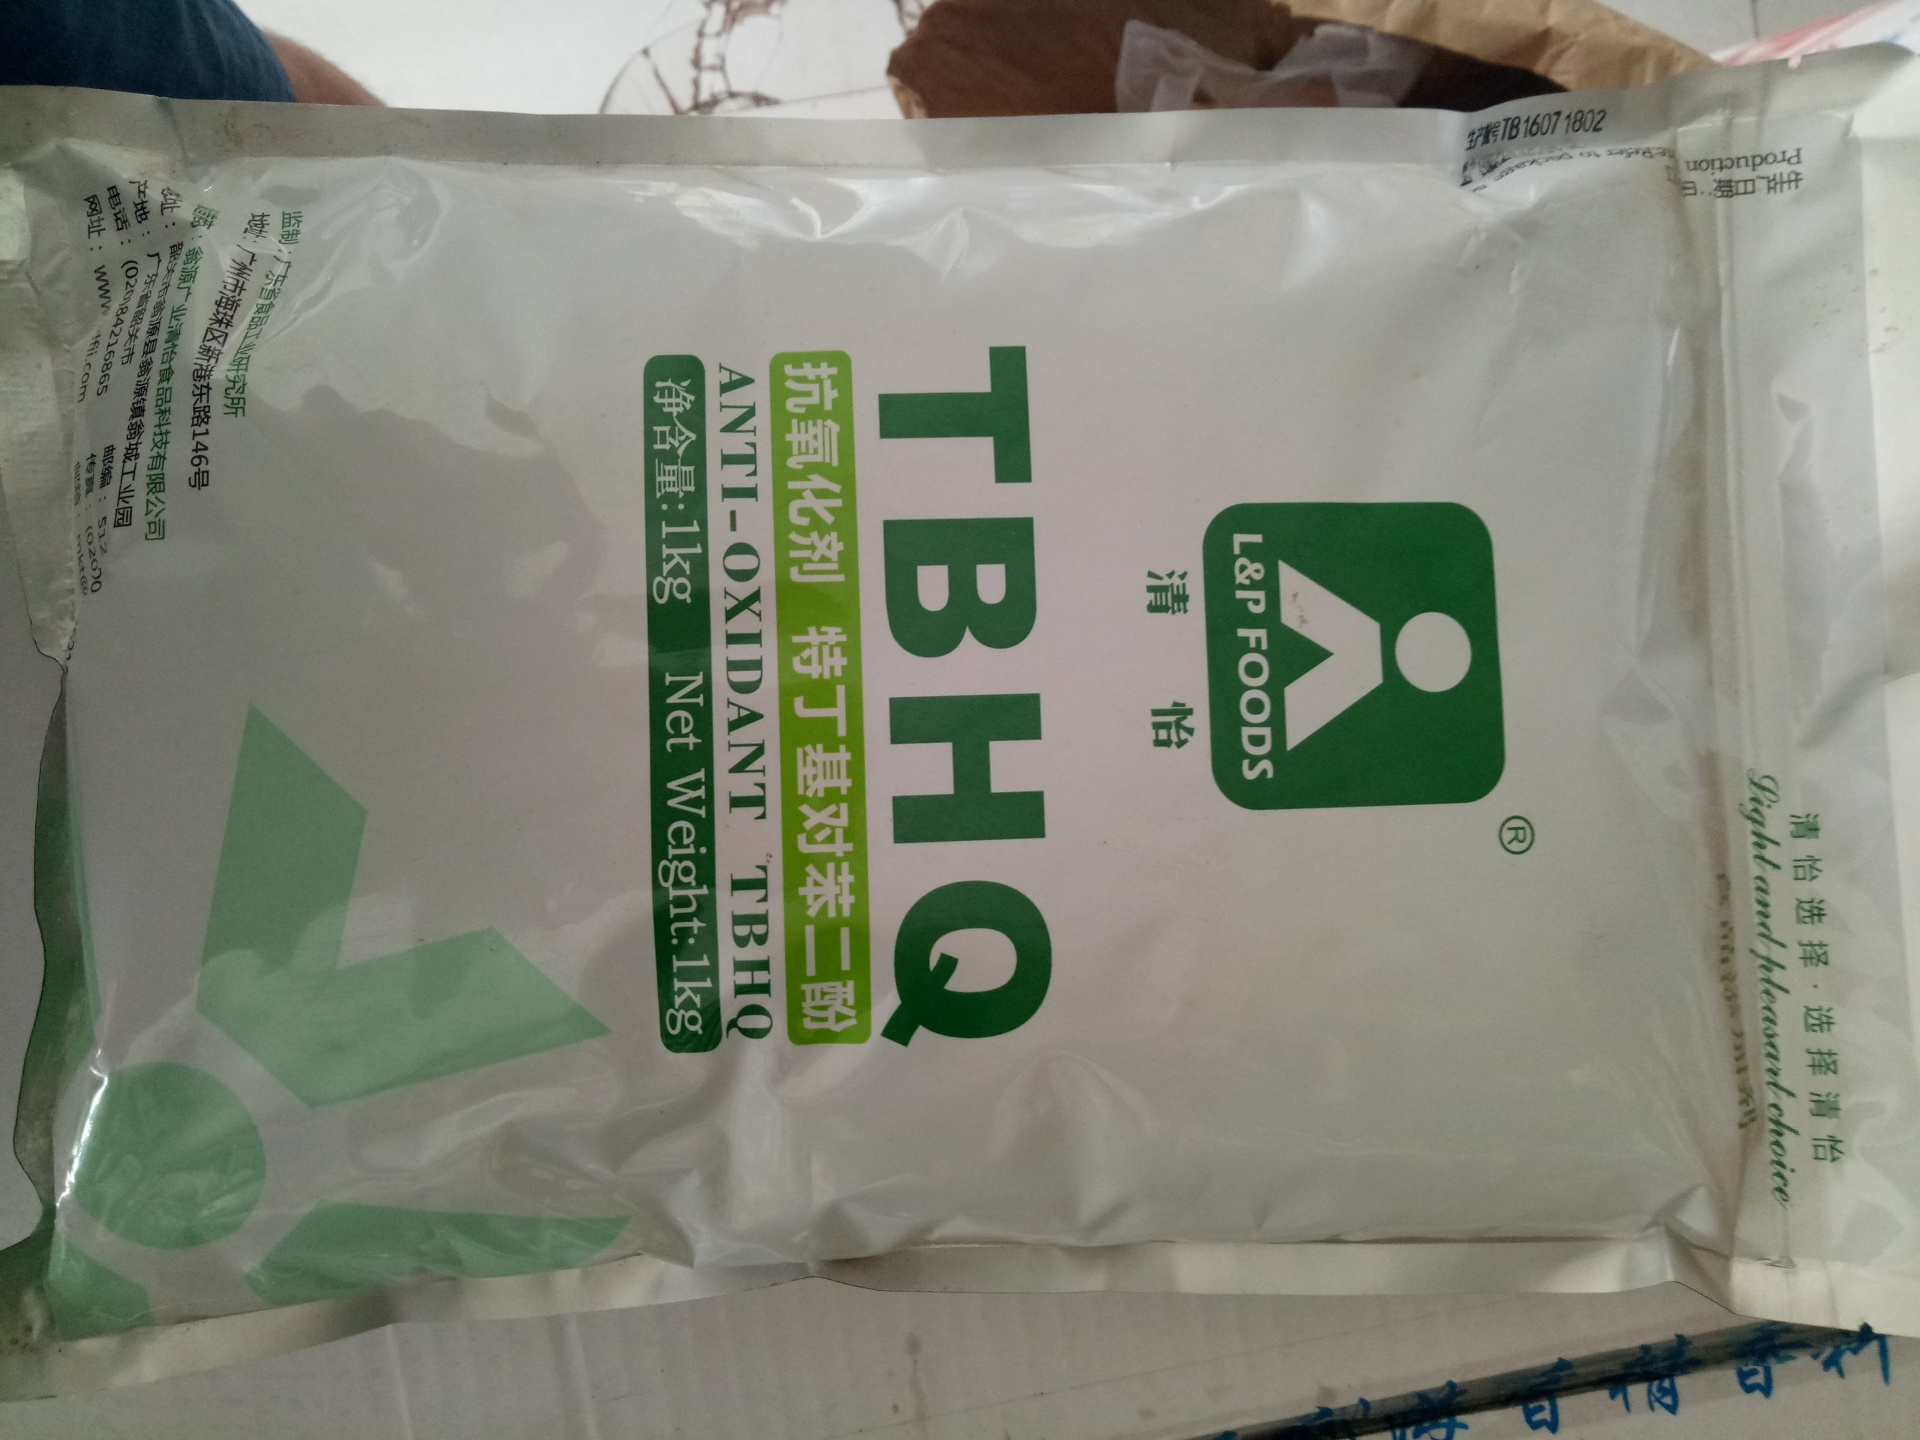 TBHQ 叔丁基对苯二酚 食品级  特丁基对苯二酚 抗氧化剂 品质保障示例图10